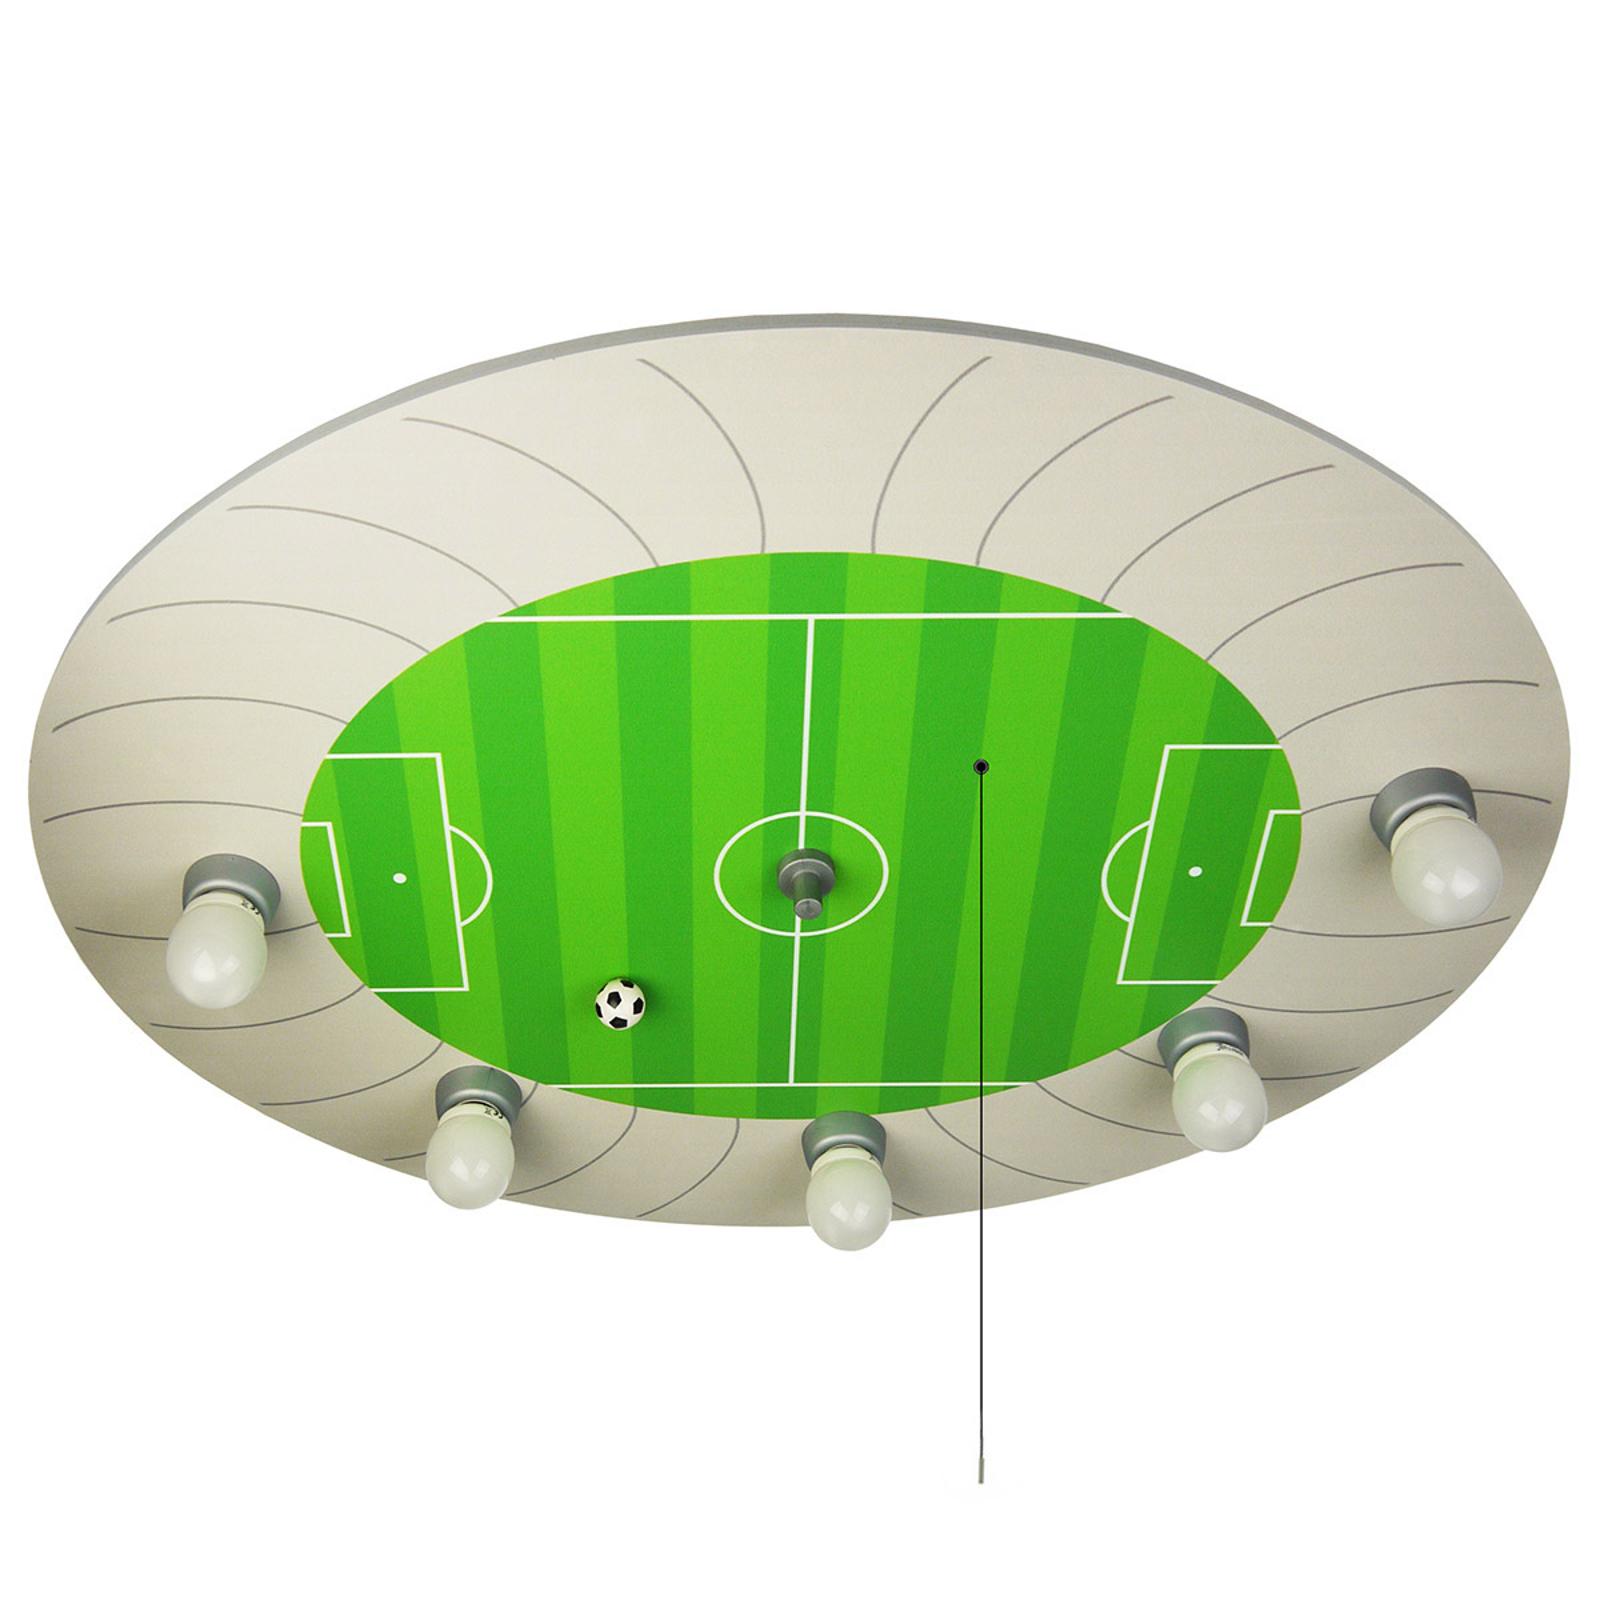 Fußballstadion Deckenlampe mit Alexa-Modul